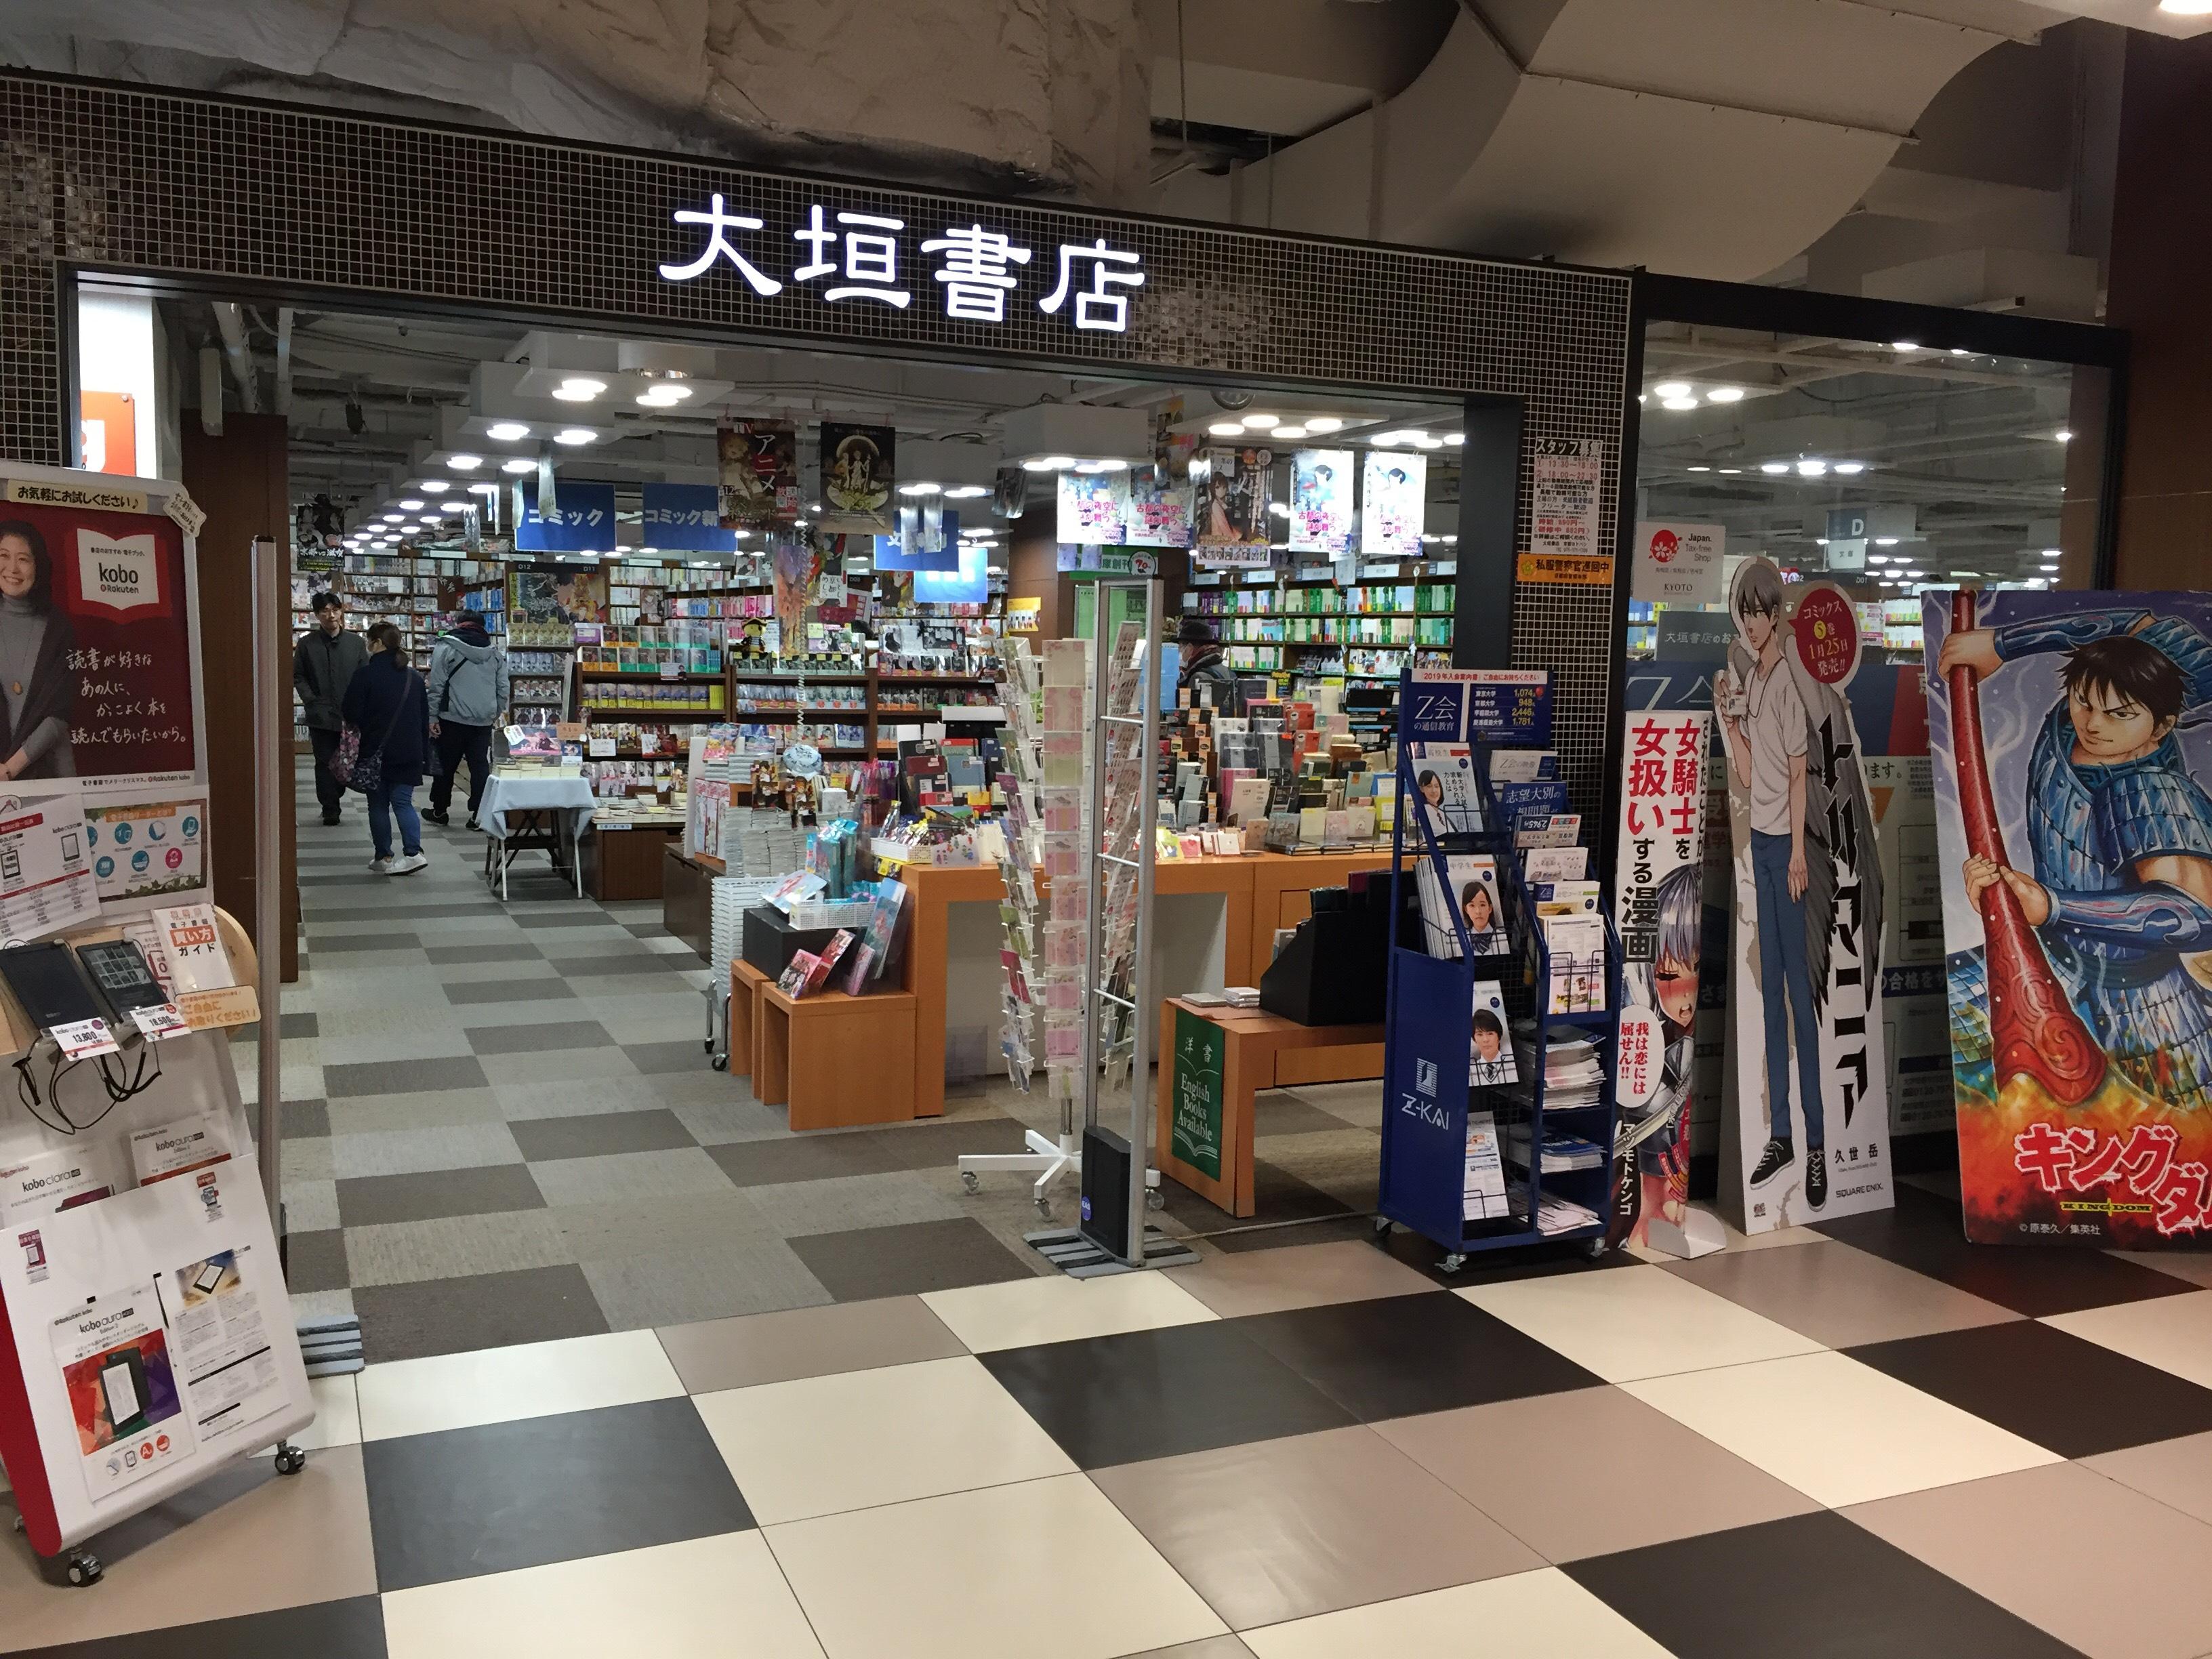 大垣書店 京都ヨドバシ店